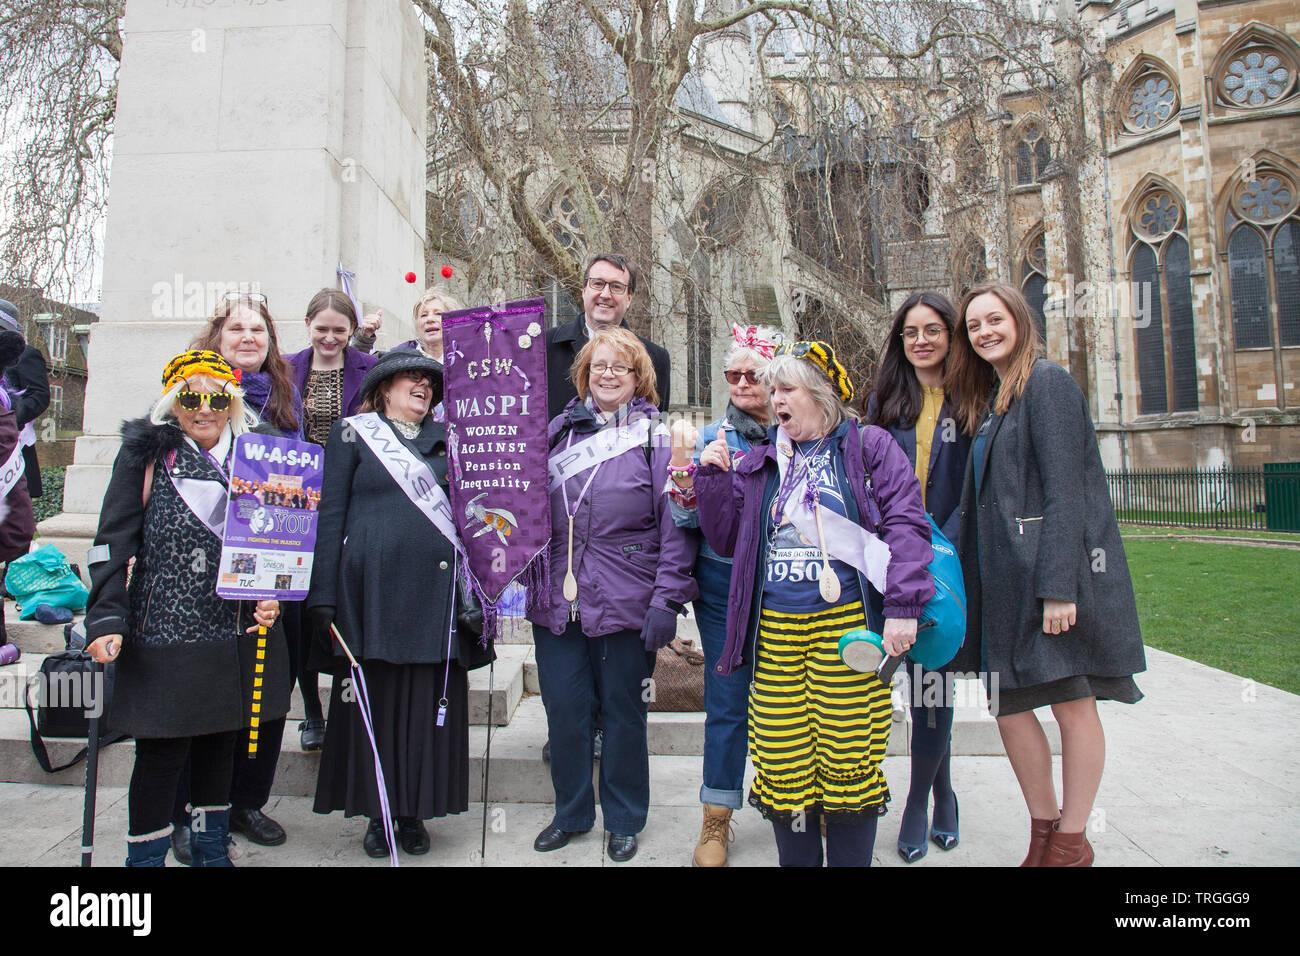 Londres, Reino Unido. 13 marzo, 2019. Chris Matterson trabajo MP, une en apoyo los manifestantes WASPI en College Green, Westminster. Las mujeres instan al Gobierno a proporcionar una indemnización para los millones de mujeres afectadas por el cambio. Foto de stock